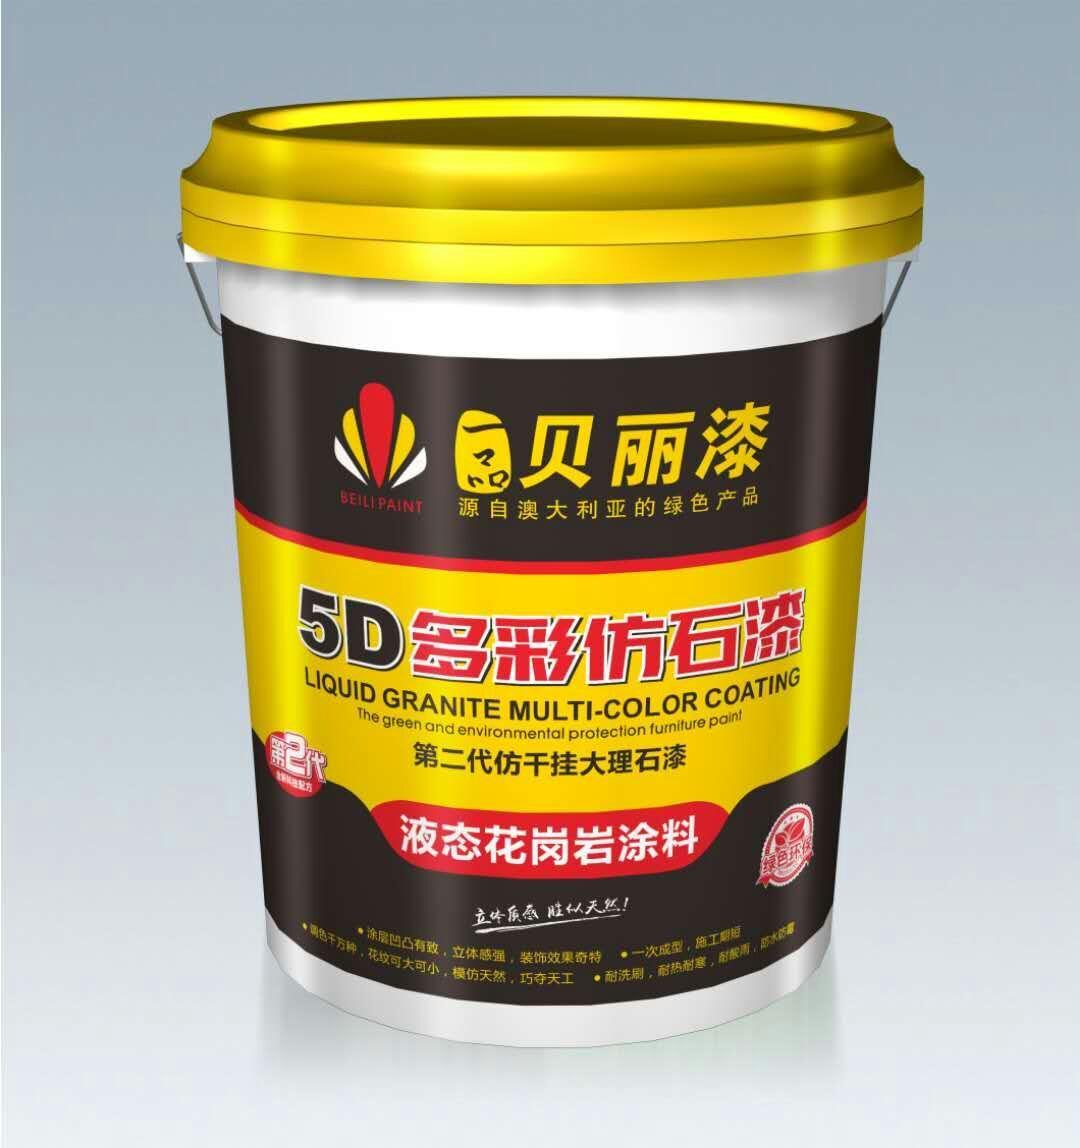 5D多彩仿石漆